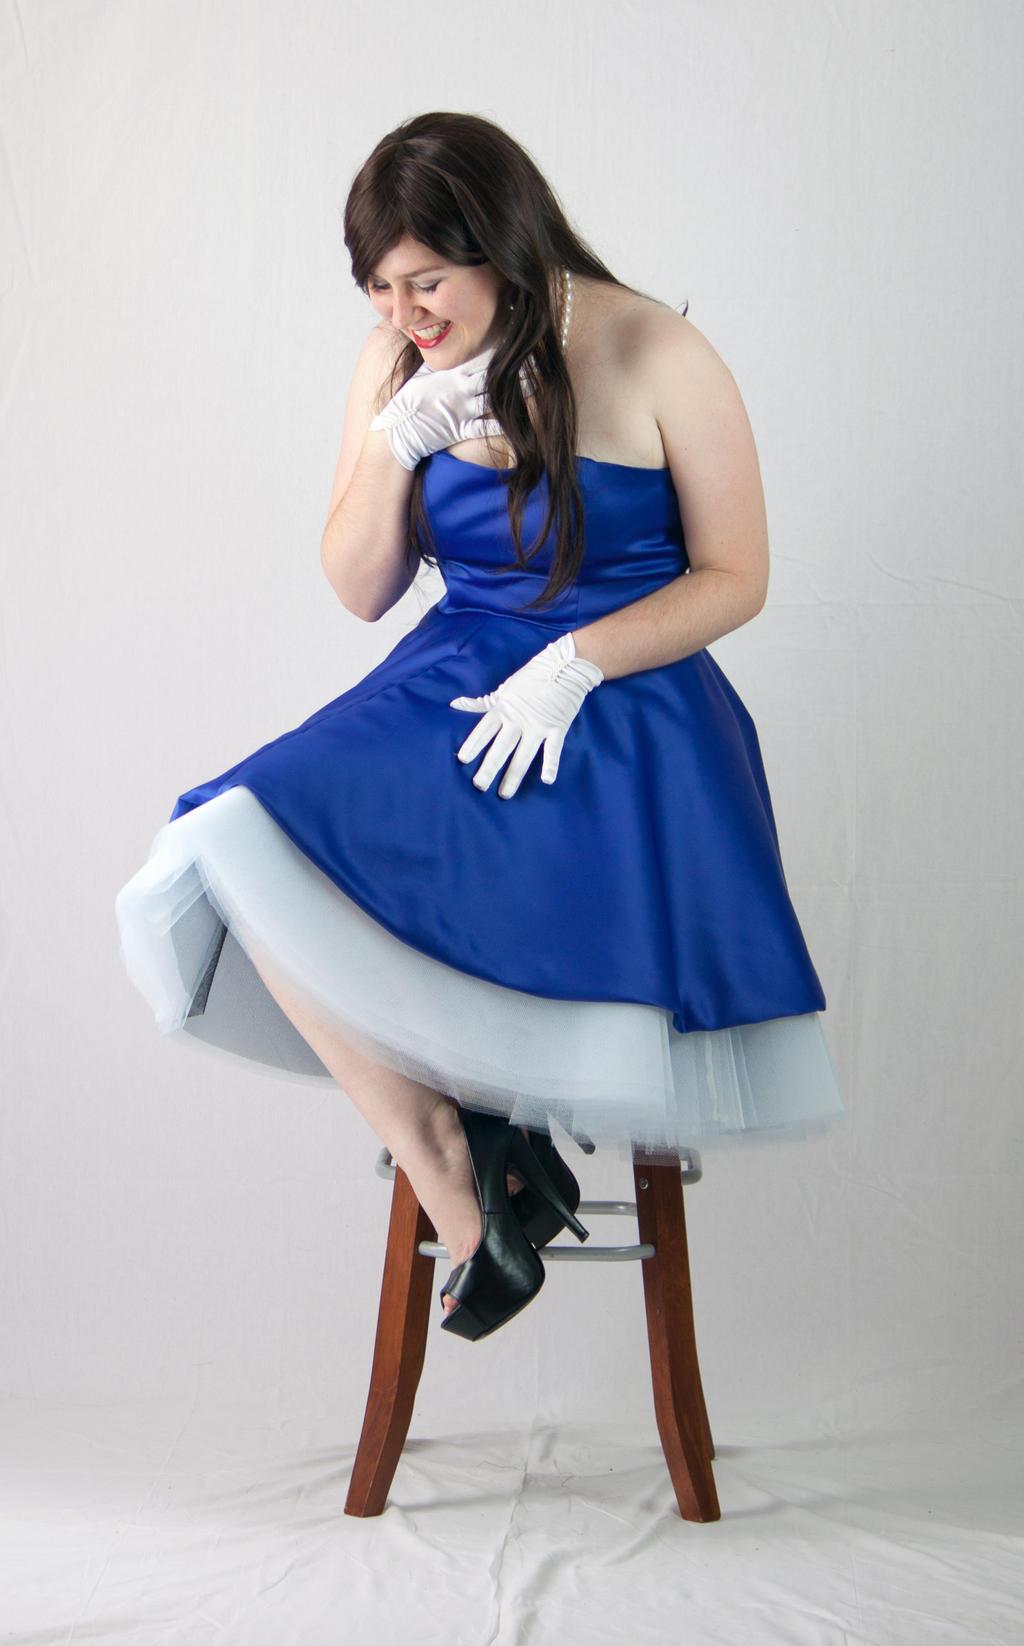 Sissy 27 by kirilee